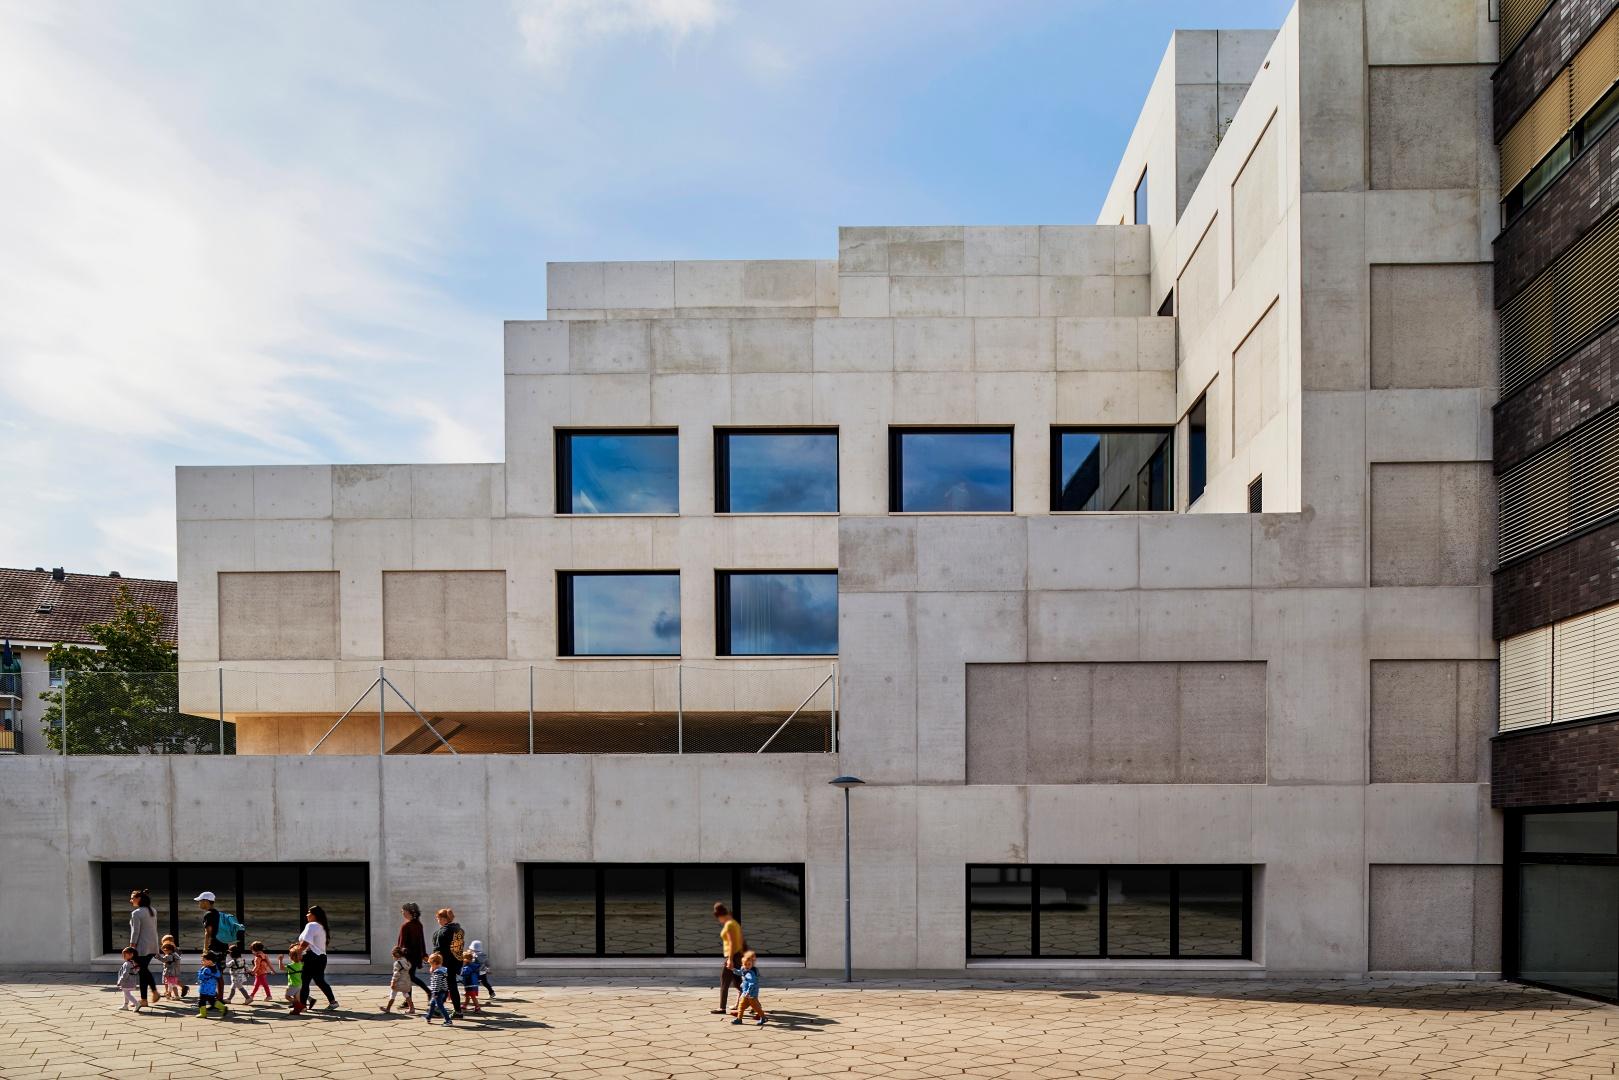 Côté nord du bâtiment de l'école avec des terrasses en gradins qui servent également de zones de récréation. Au niveau du socle, les puits de lumière du gymnase en contre-bas. © Roman Weyeneth